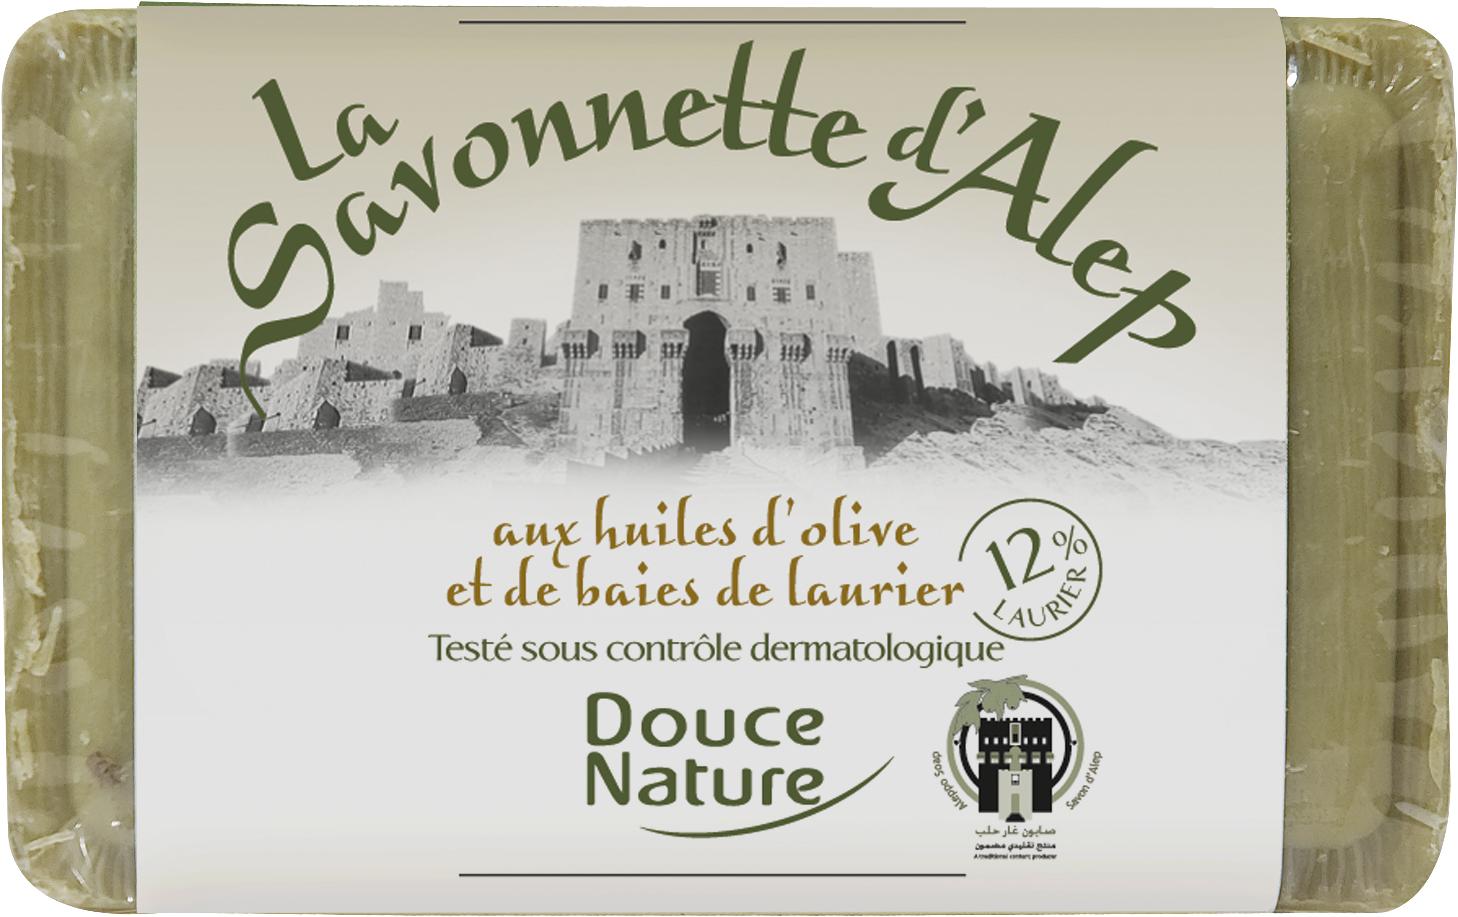 Savonnette d'Alep aux huiles d'olive et baies de laurier BIO, Douce Nature (100 g)